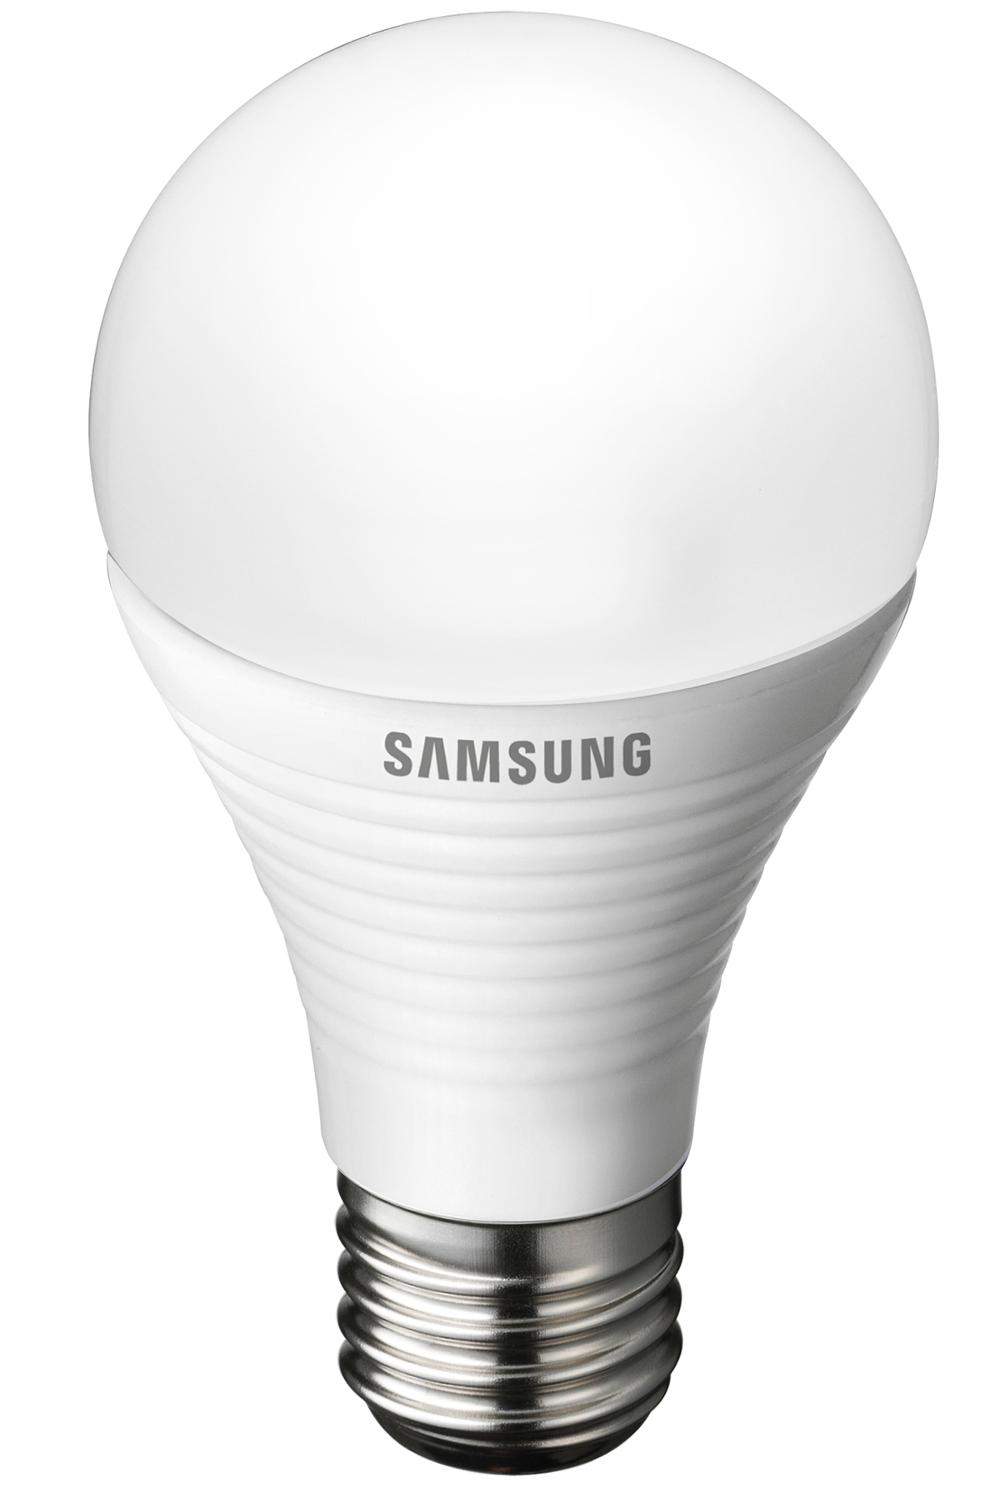 Samsung LED E27 žárovka 6,5W 230V 490lm,Teplá bílá